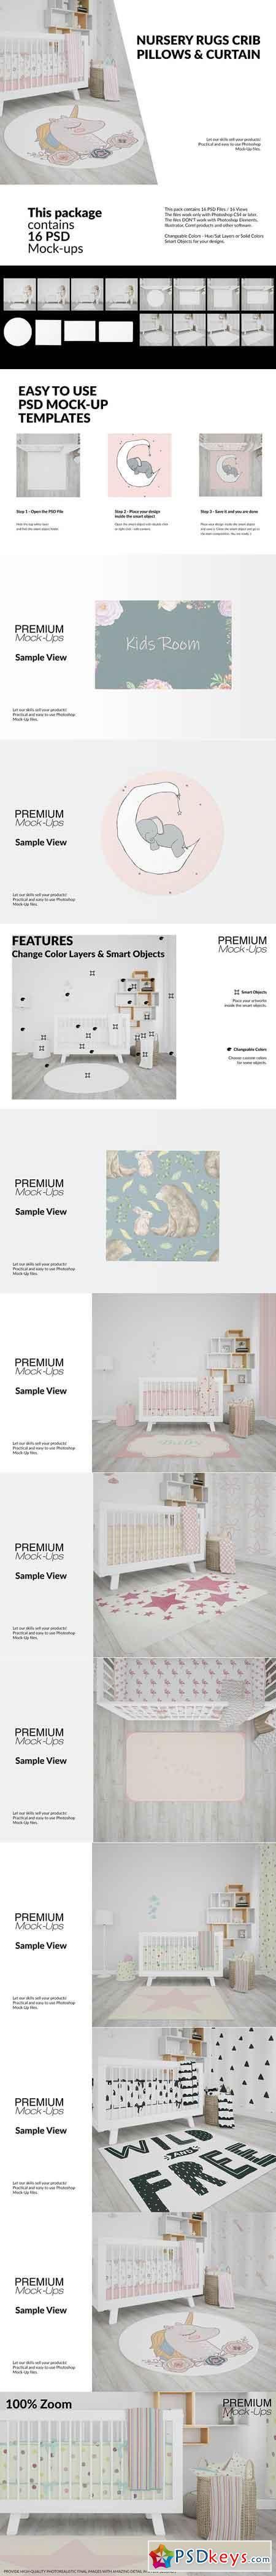 Nursery - 4 Rugs Pillows Curtain 2952080   PSDkeys   Rugs, Curtains